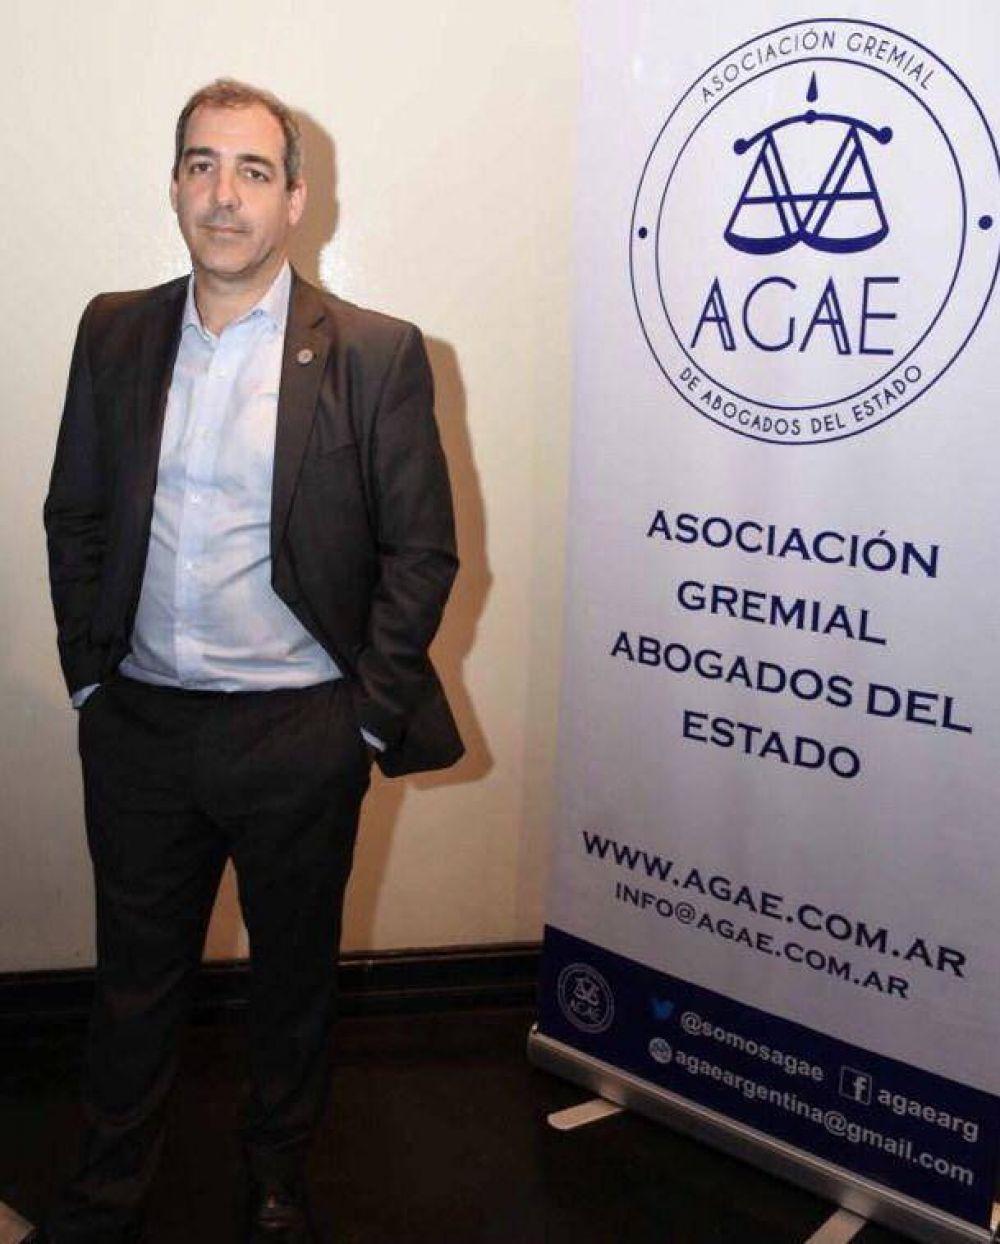 Abogados del Estado repudian despidos en seis jurisdicciones del país